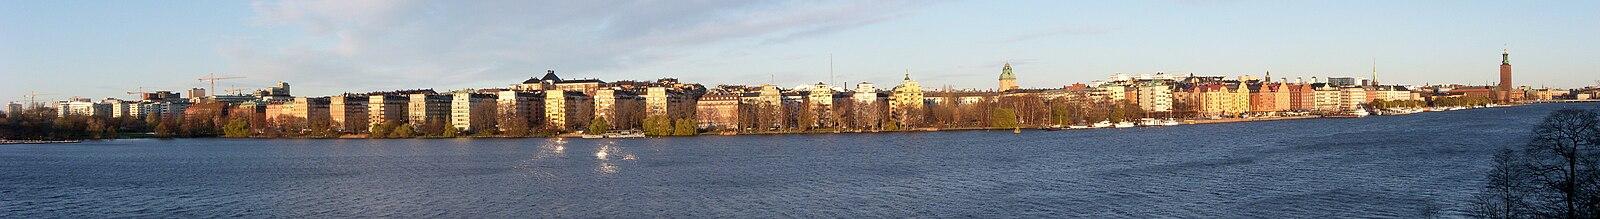 Panorama over Kungsholmen og Nord Mälarstrand fra Langholmen over Ridderfærden i november.   I billedcentrum ses tårnet af Stockholms rådhus og længst til højre Stockholms Stadshus.